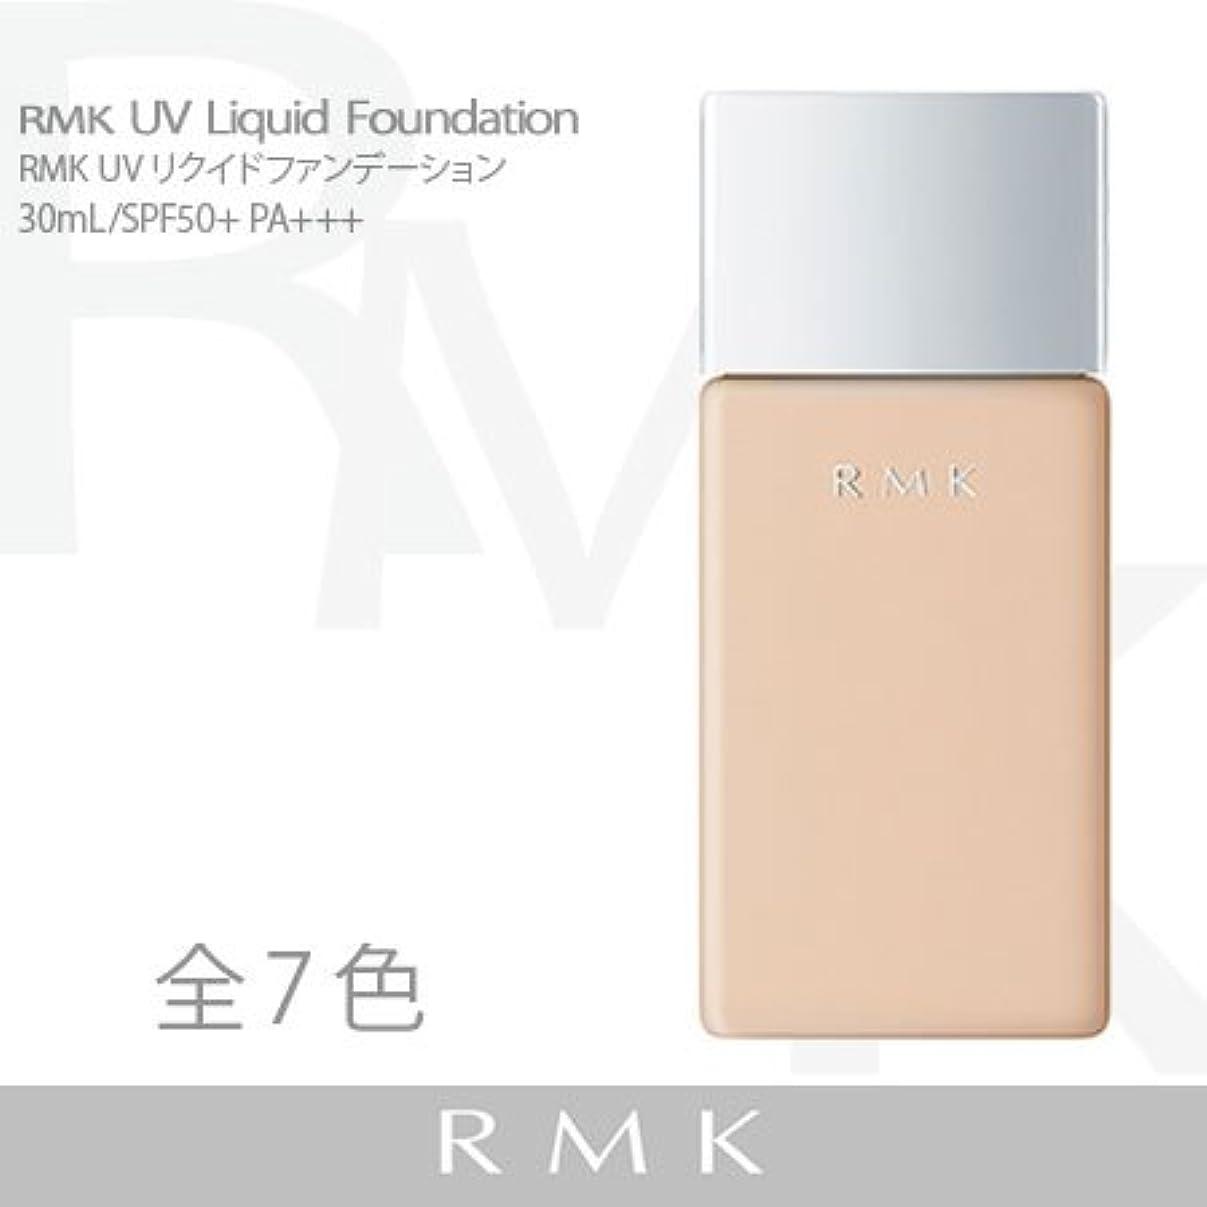 ドナーアーク障害【RMK (ルミコ)】UVリクイドファンデーション #104 30ml